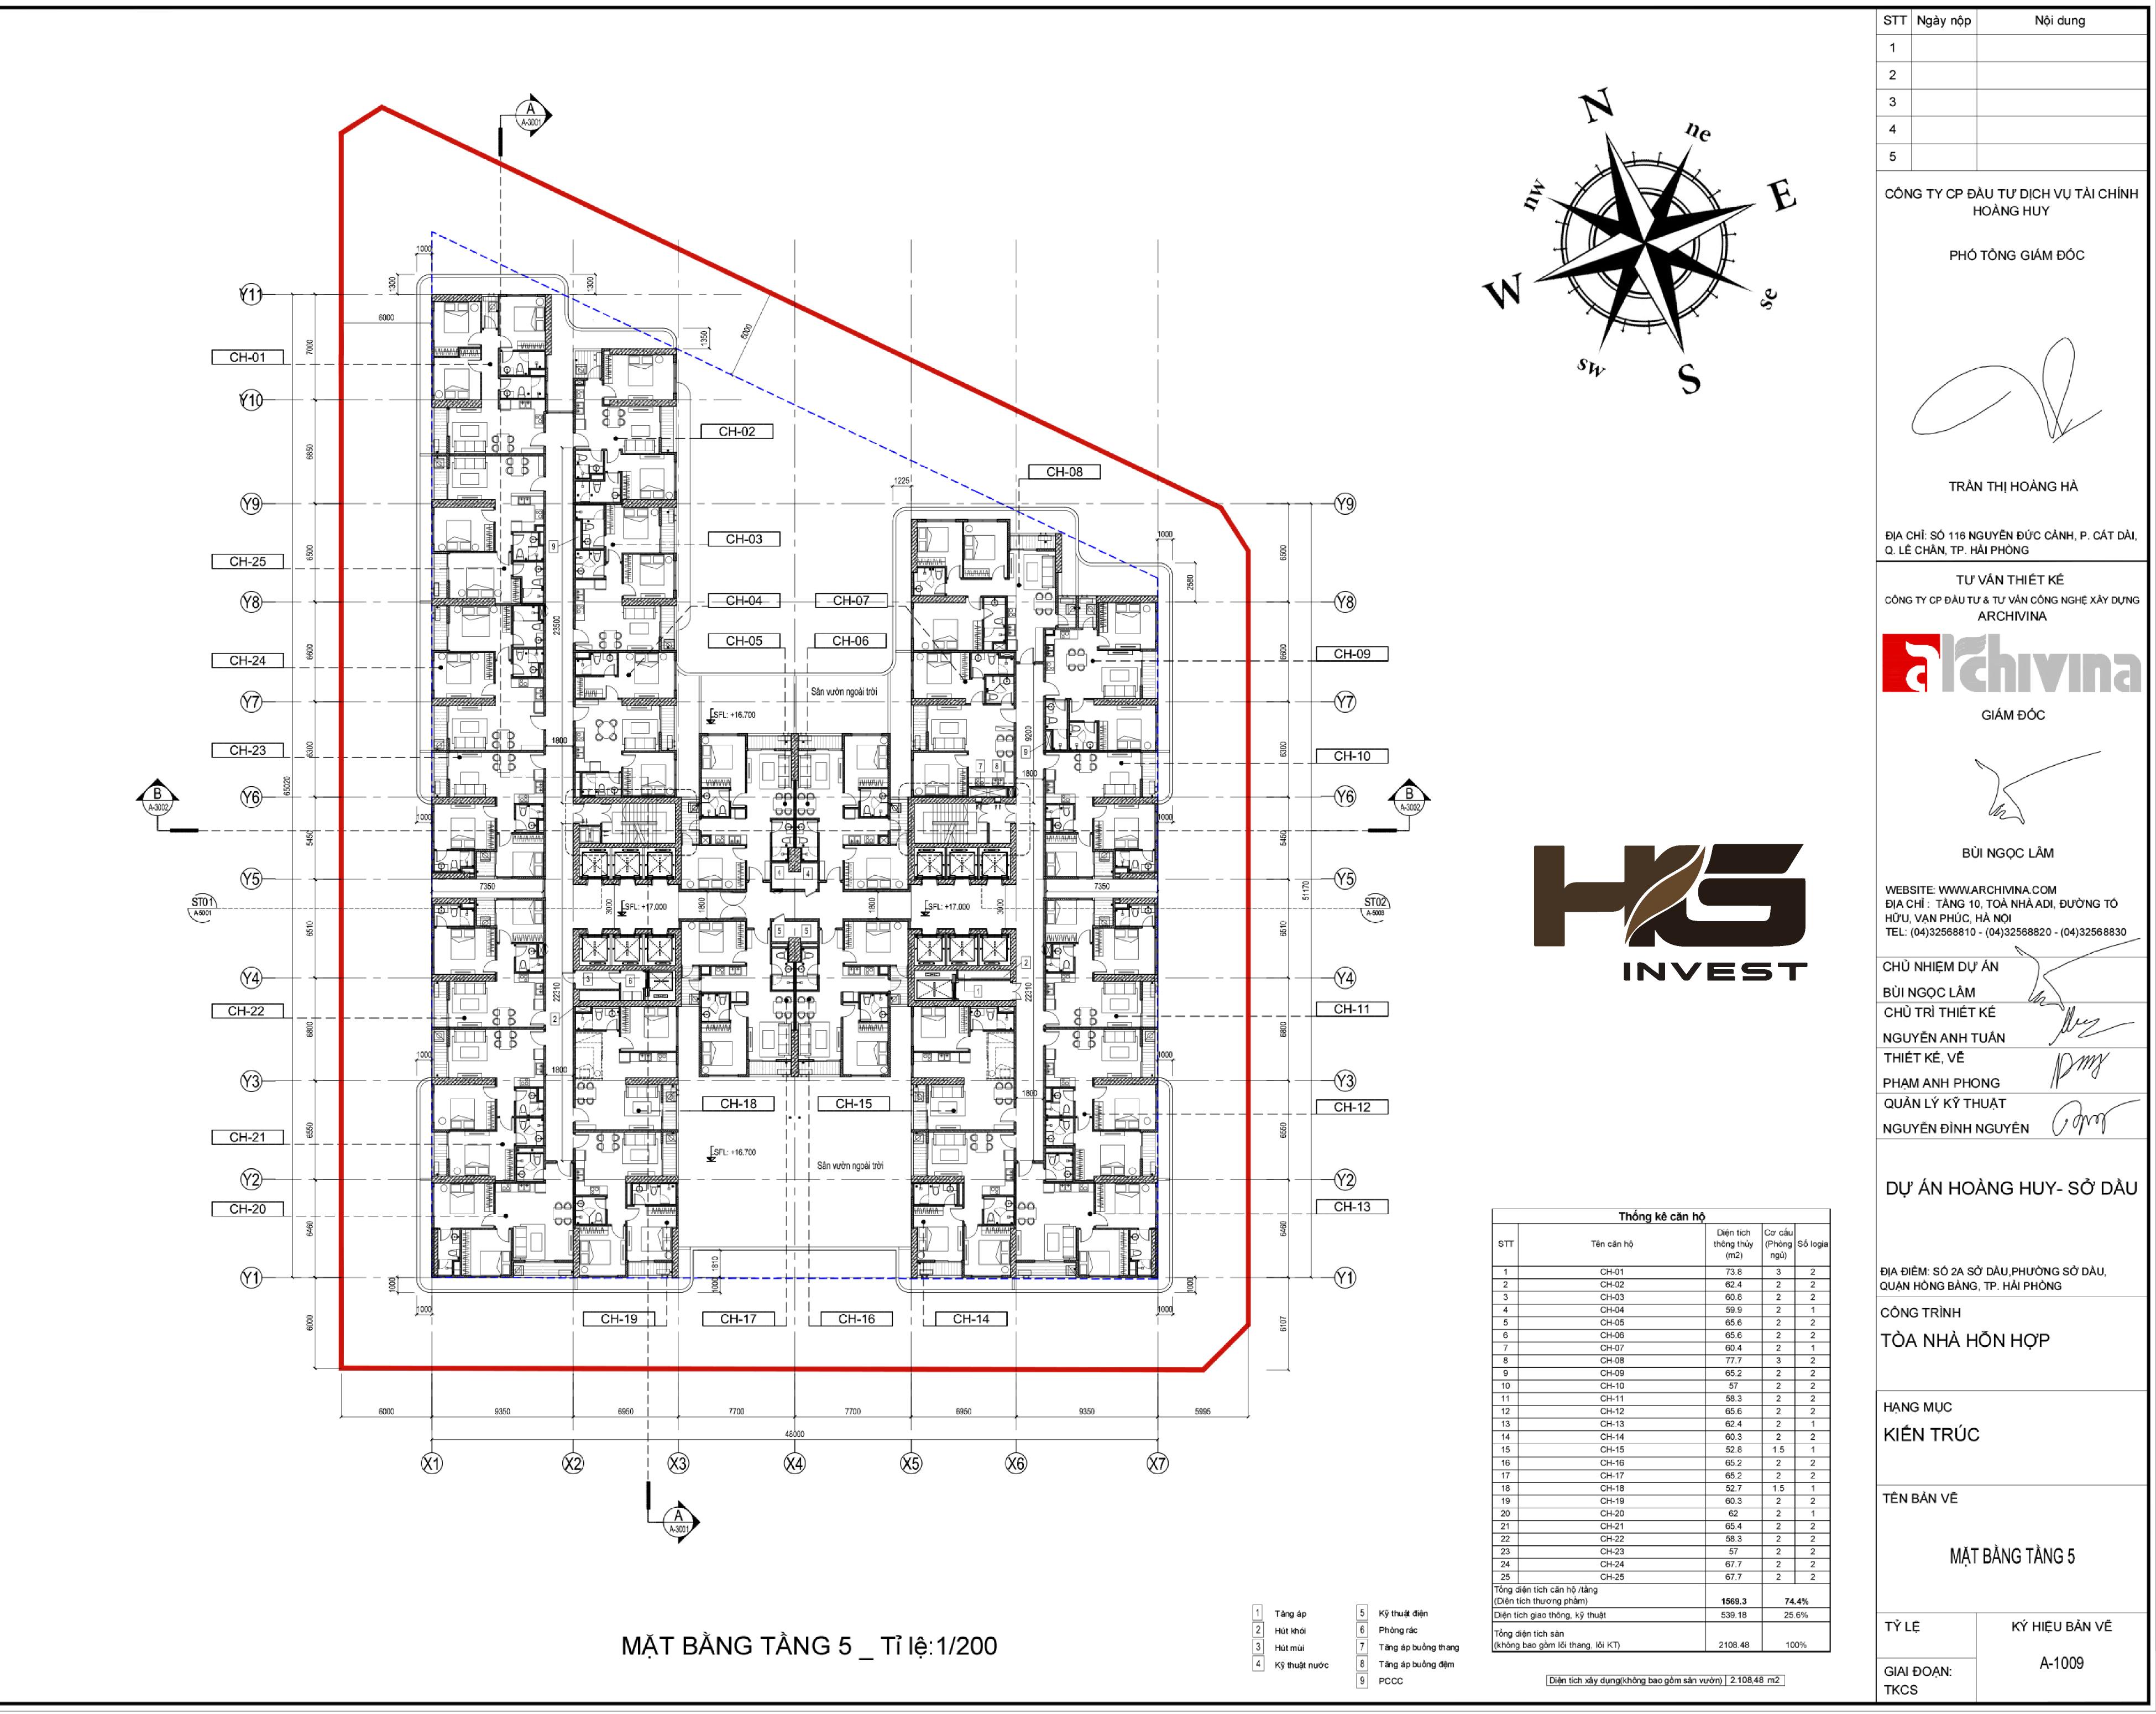 Mặt bằng tầng 5 của chung cư Hoàng Huy Sở Dầu